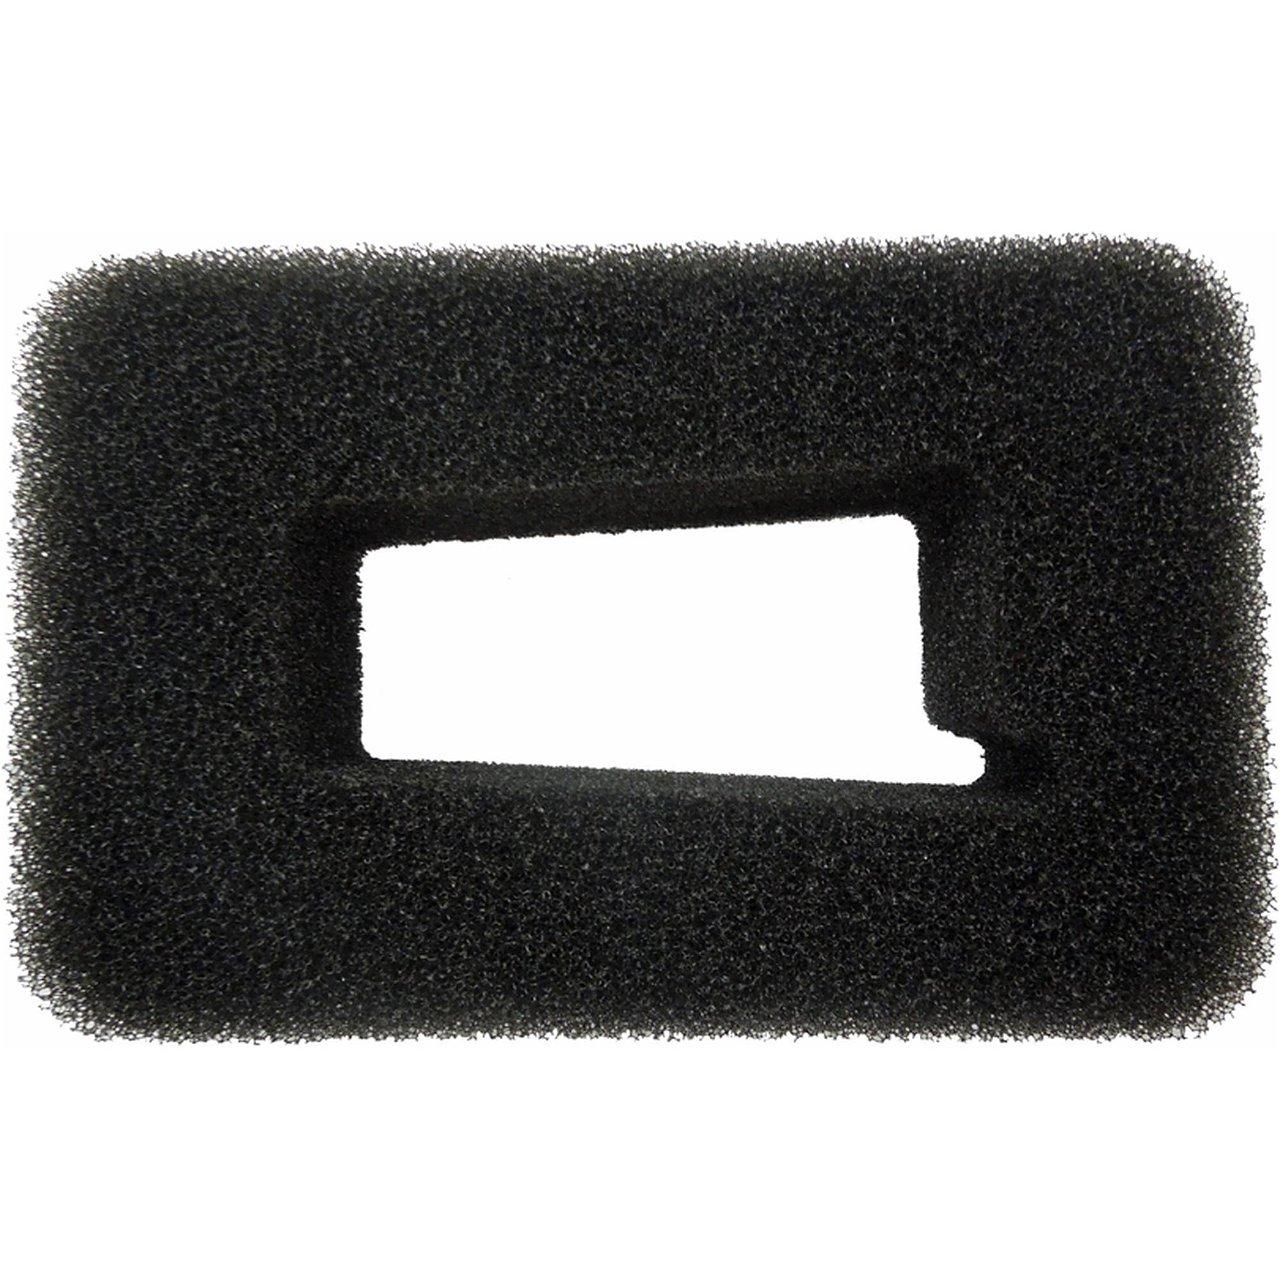 FP100/ Filterschwamm schwarz